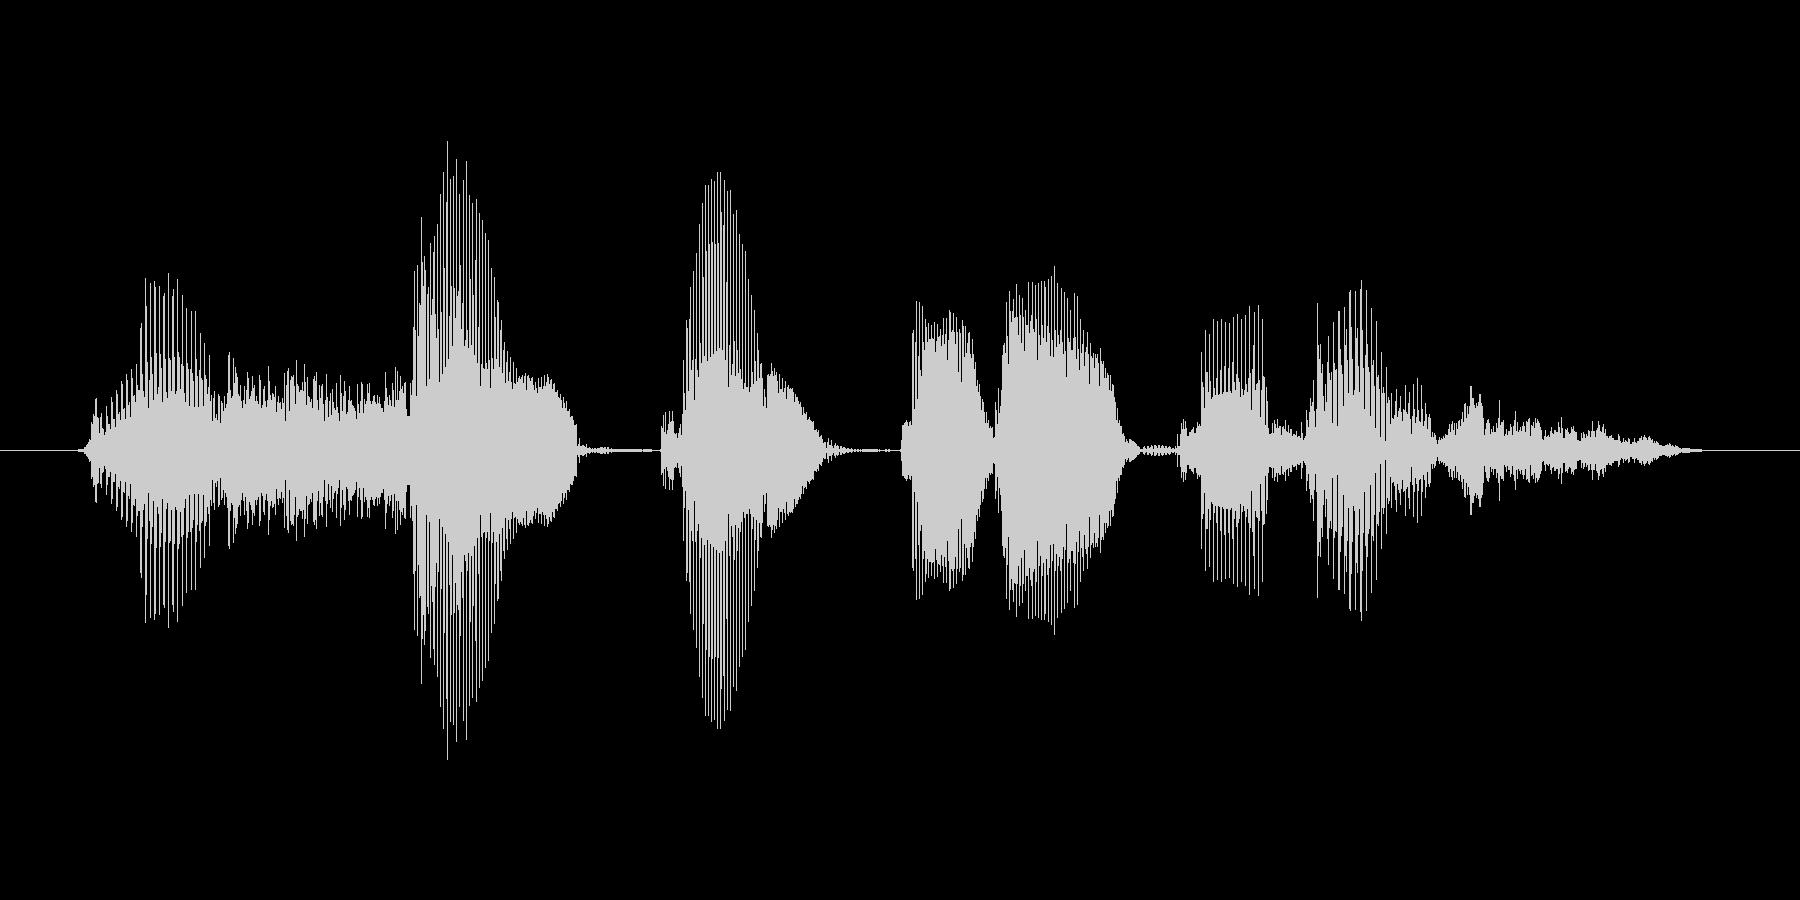 ミッションコンプリートですの未再生の波形